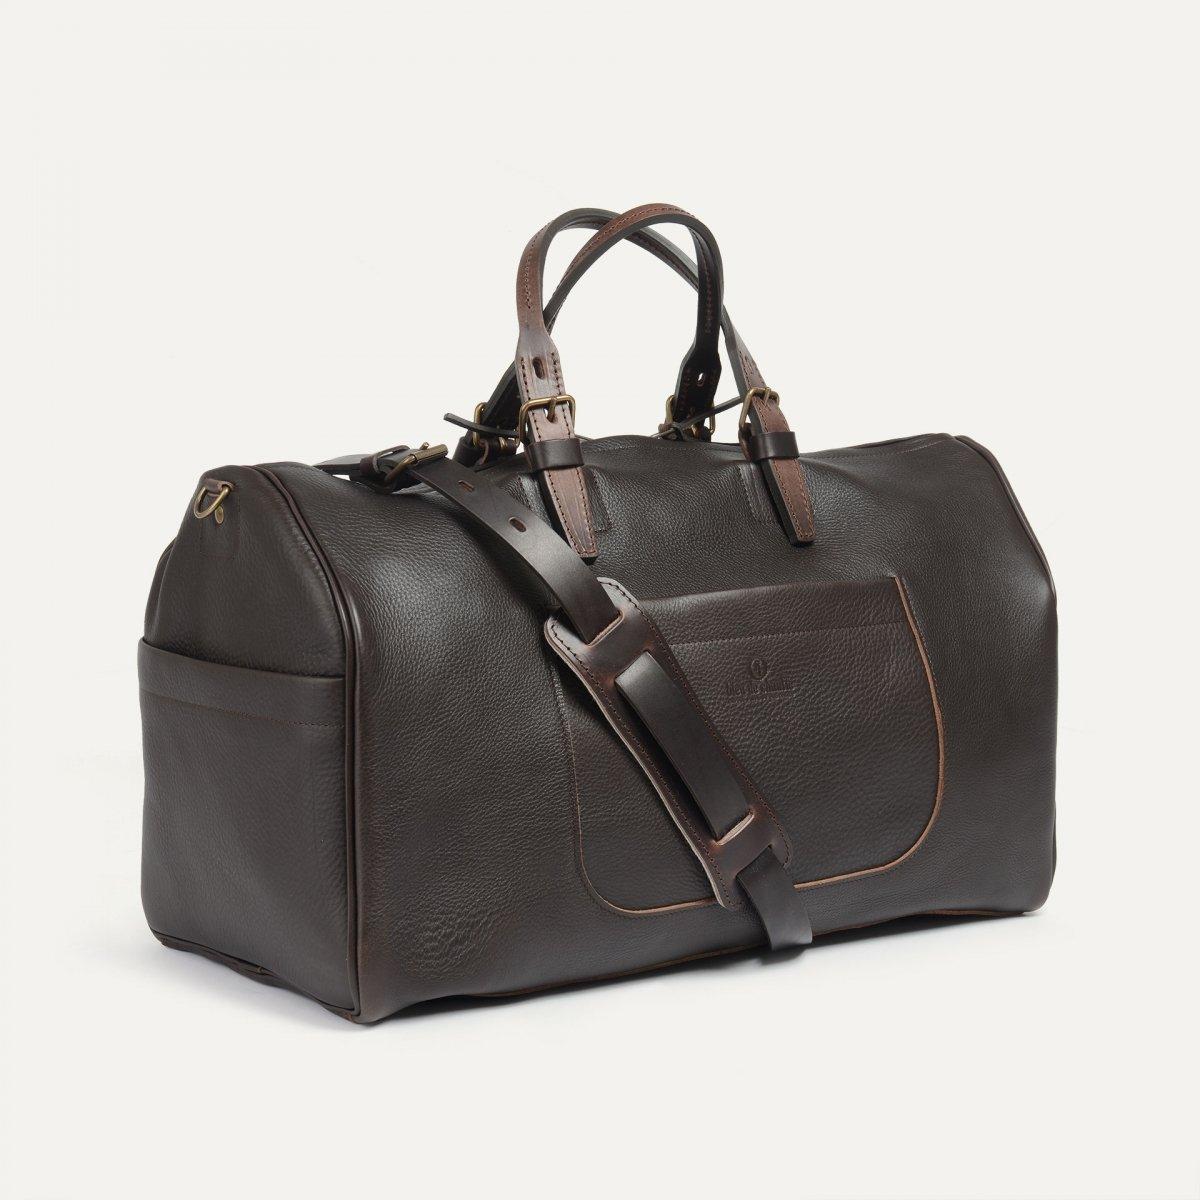 Hobo Travel bag - Dark Brown (image n°2)